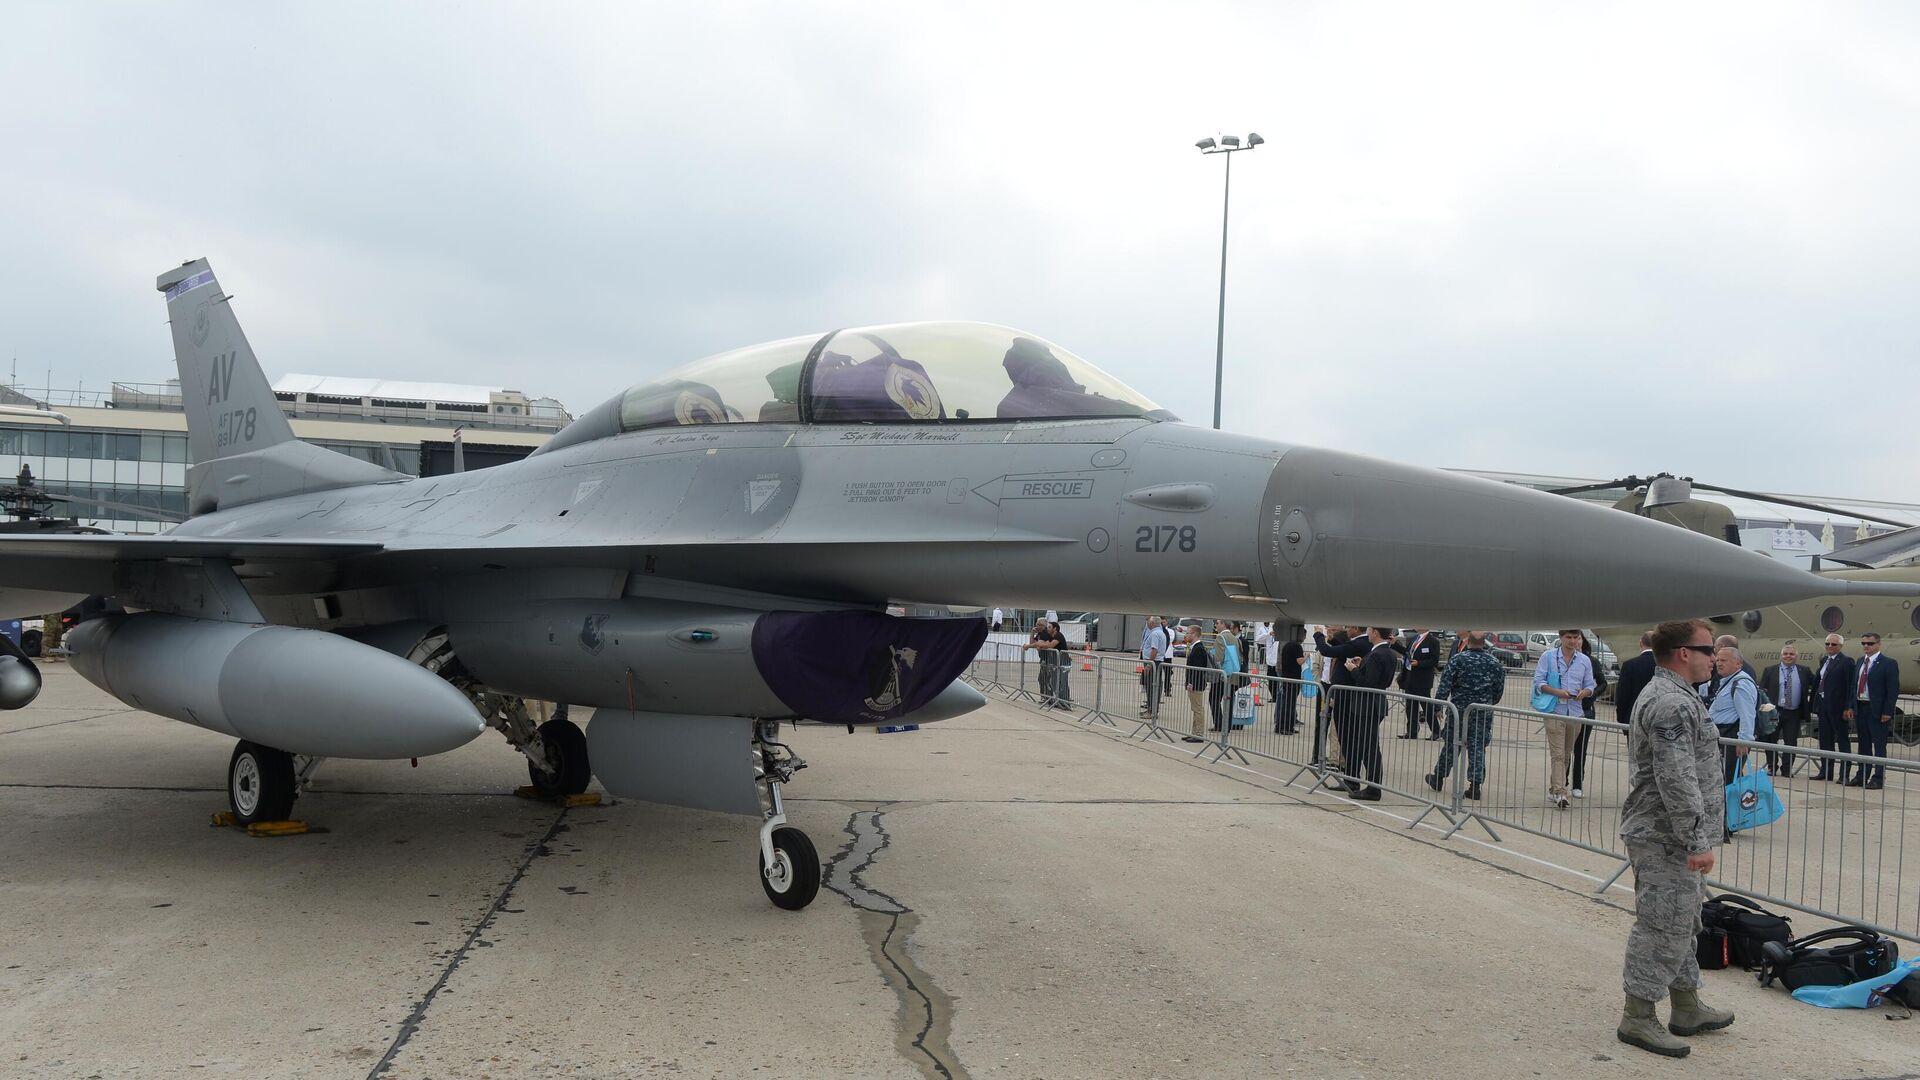 Kampfjet des Typs F-16 (Archiv) - SNA, 1920, 01.07.2021